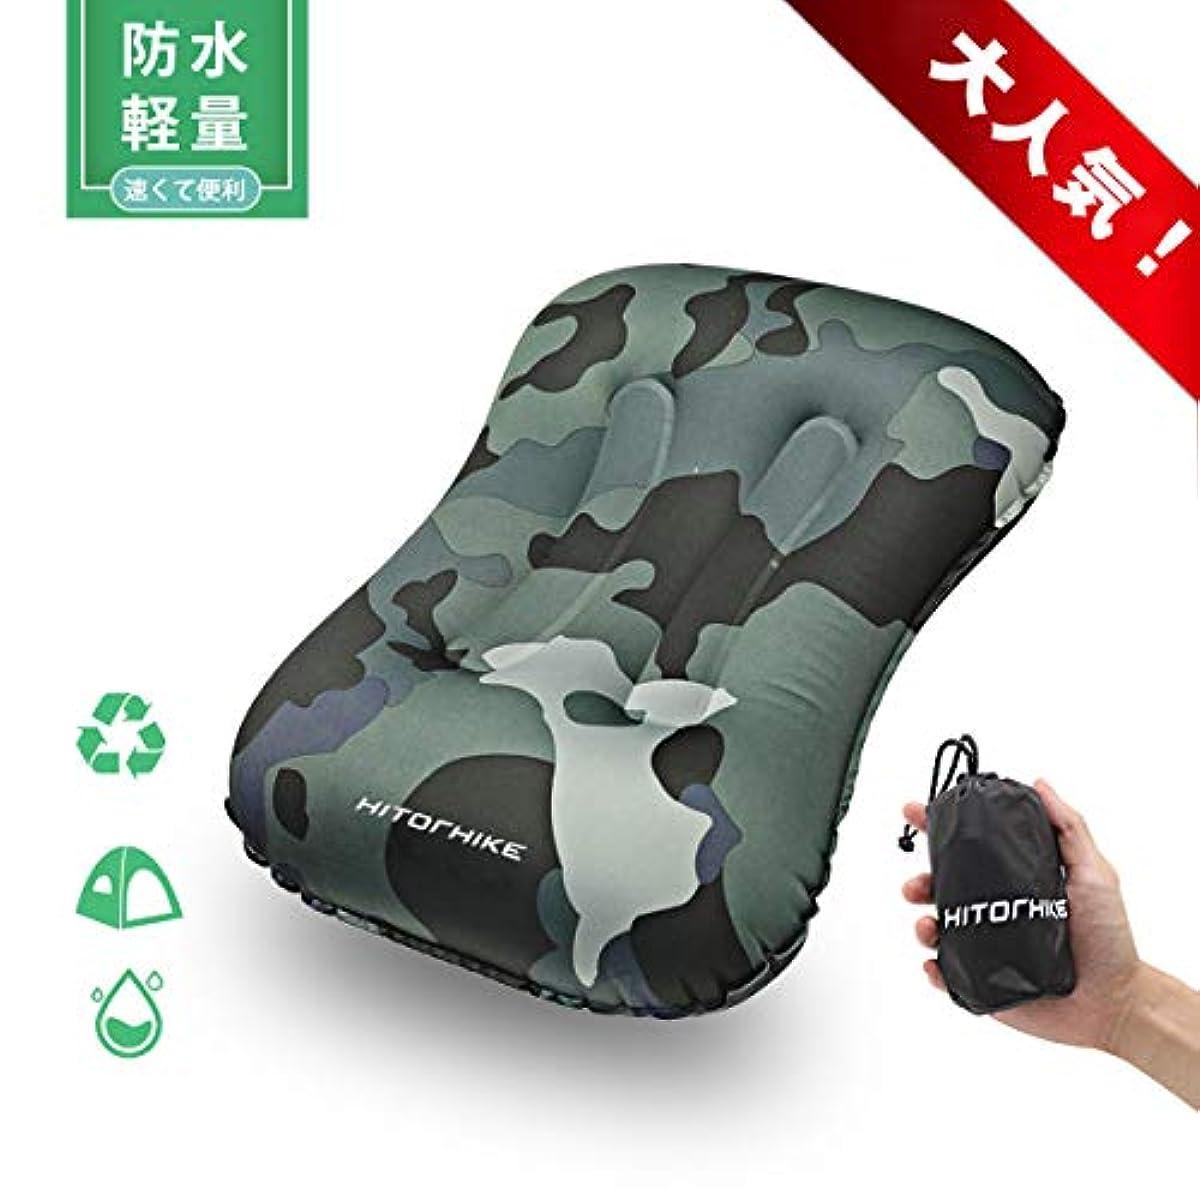 [해외] TAKU STORE 에어 pillow 비행기 베개 경량90G 휴대침 수편리 상품 TPU코딩 아웃도어 캠프 선잠 트래블 오피스 여행